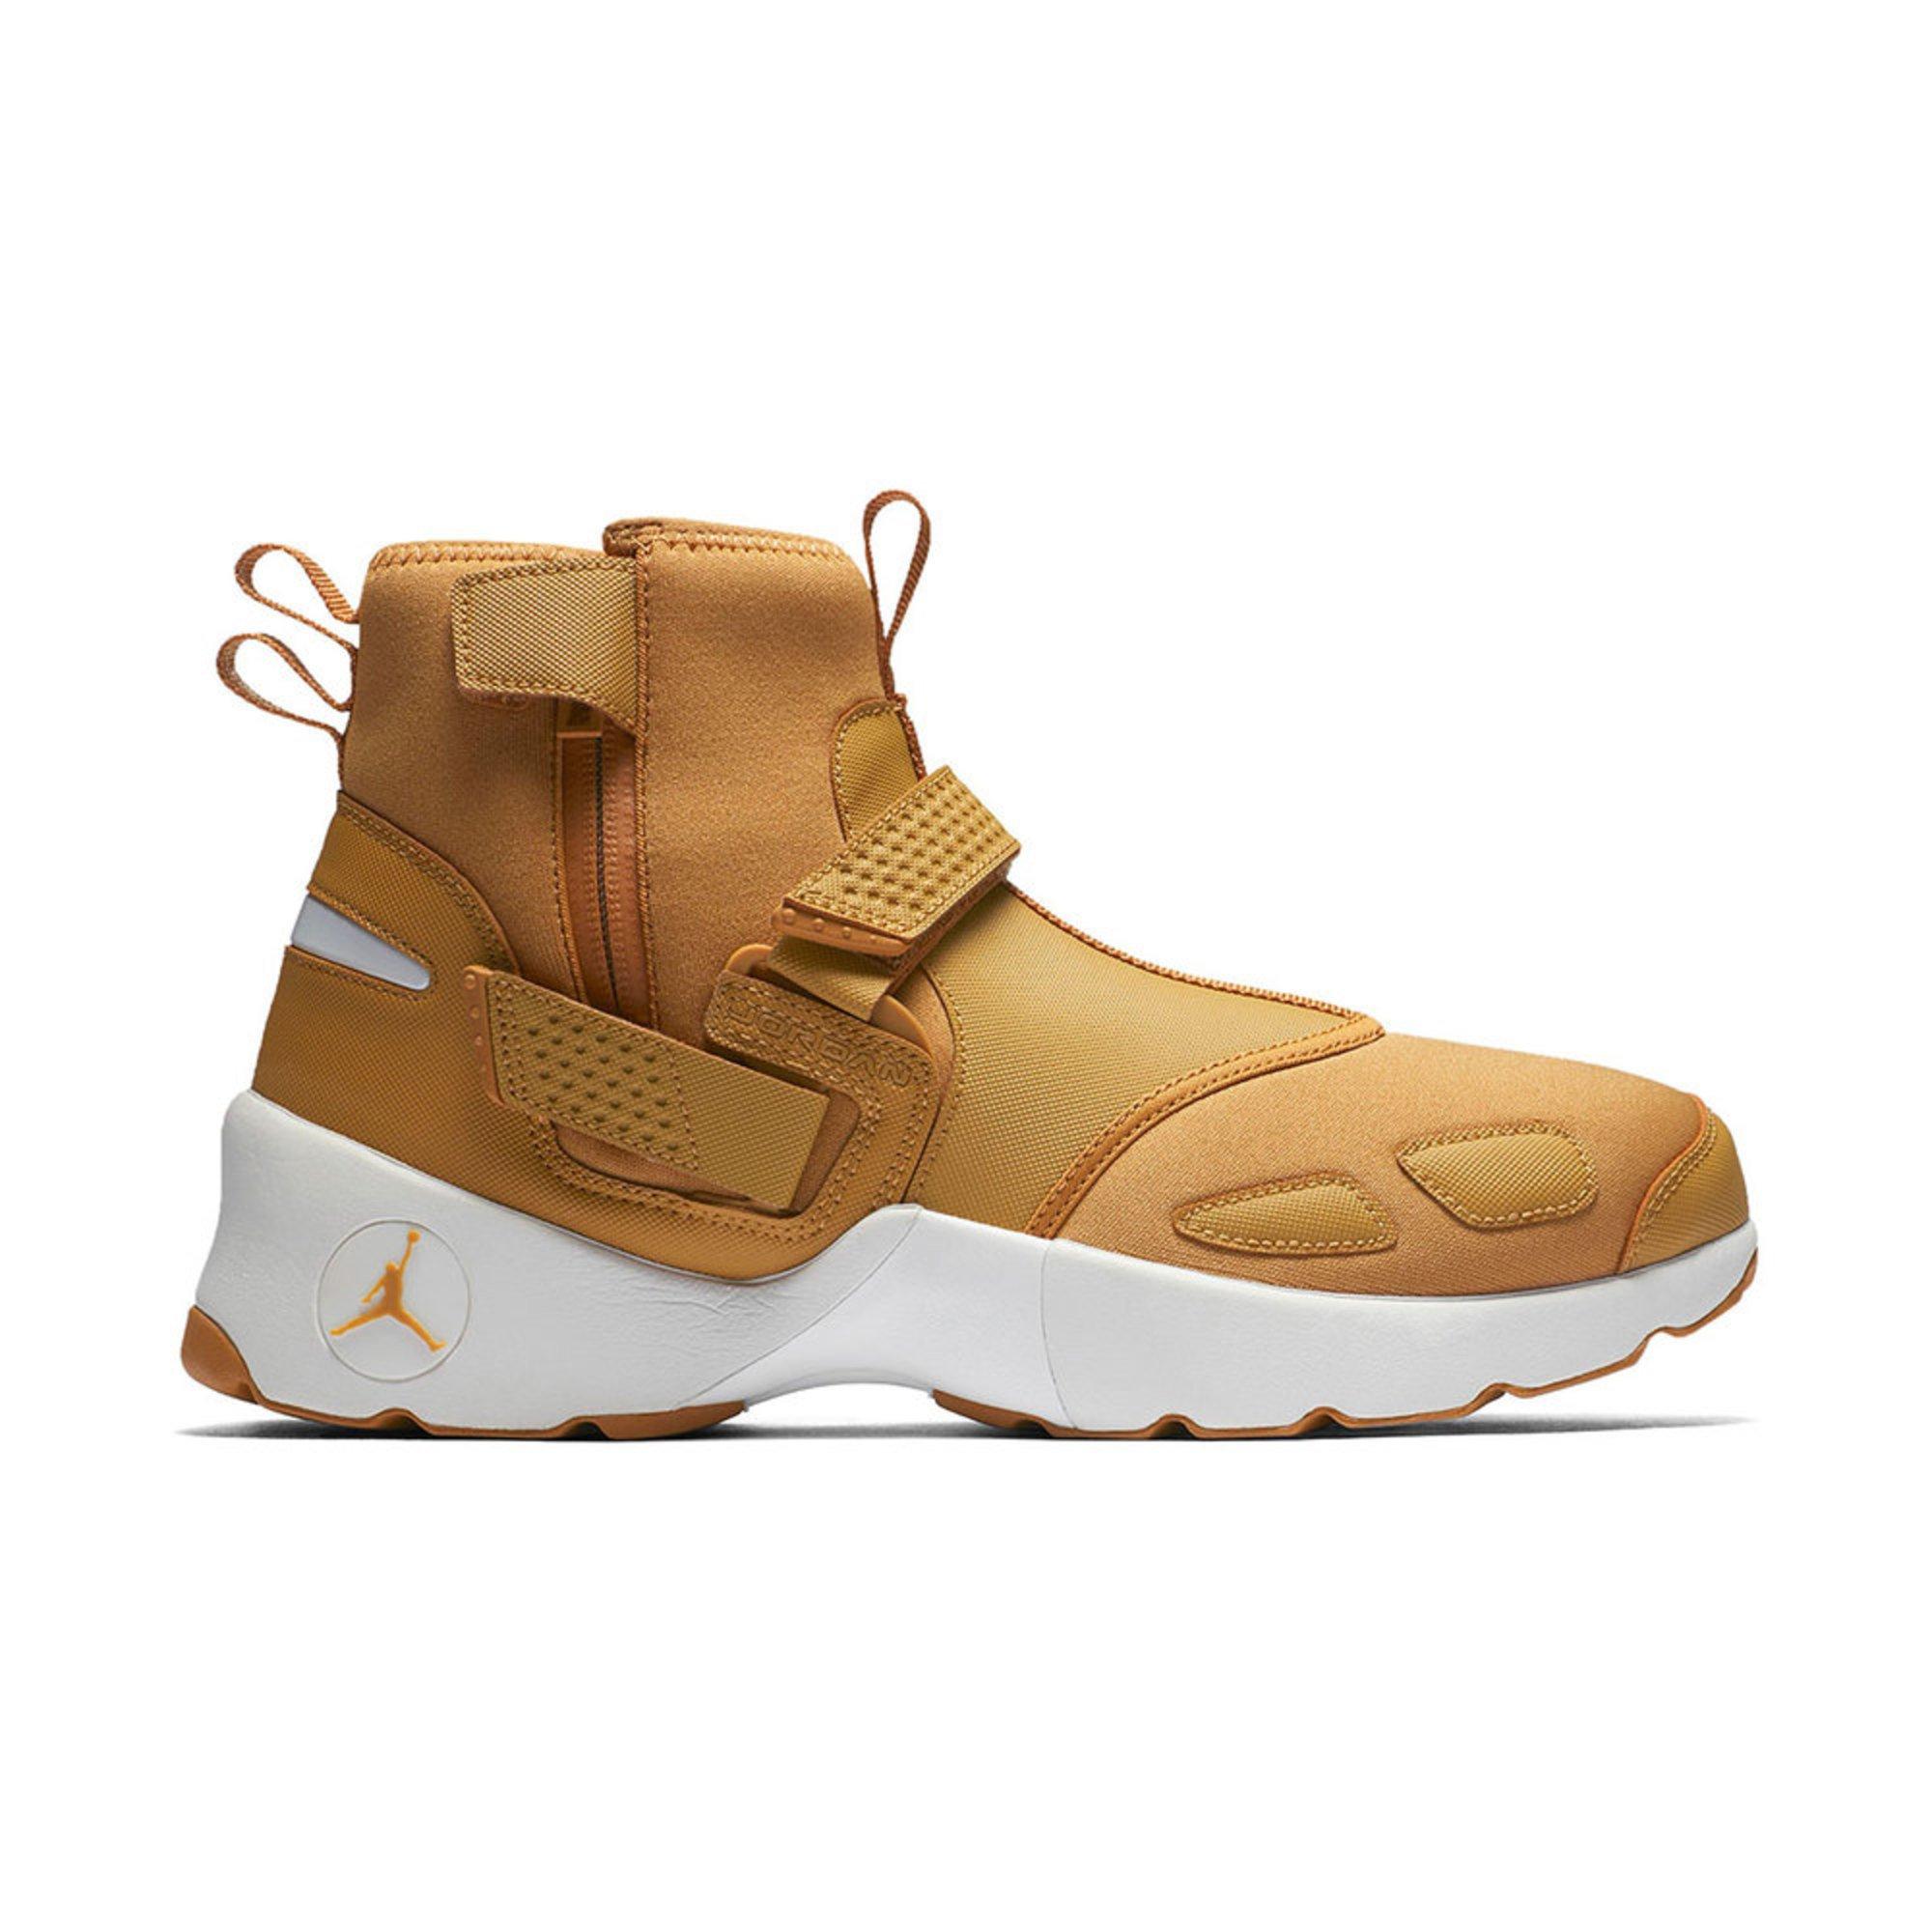 Jordan Trunner Lx High Men S Basketball Shoe Golden Harvest